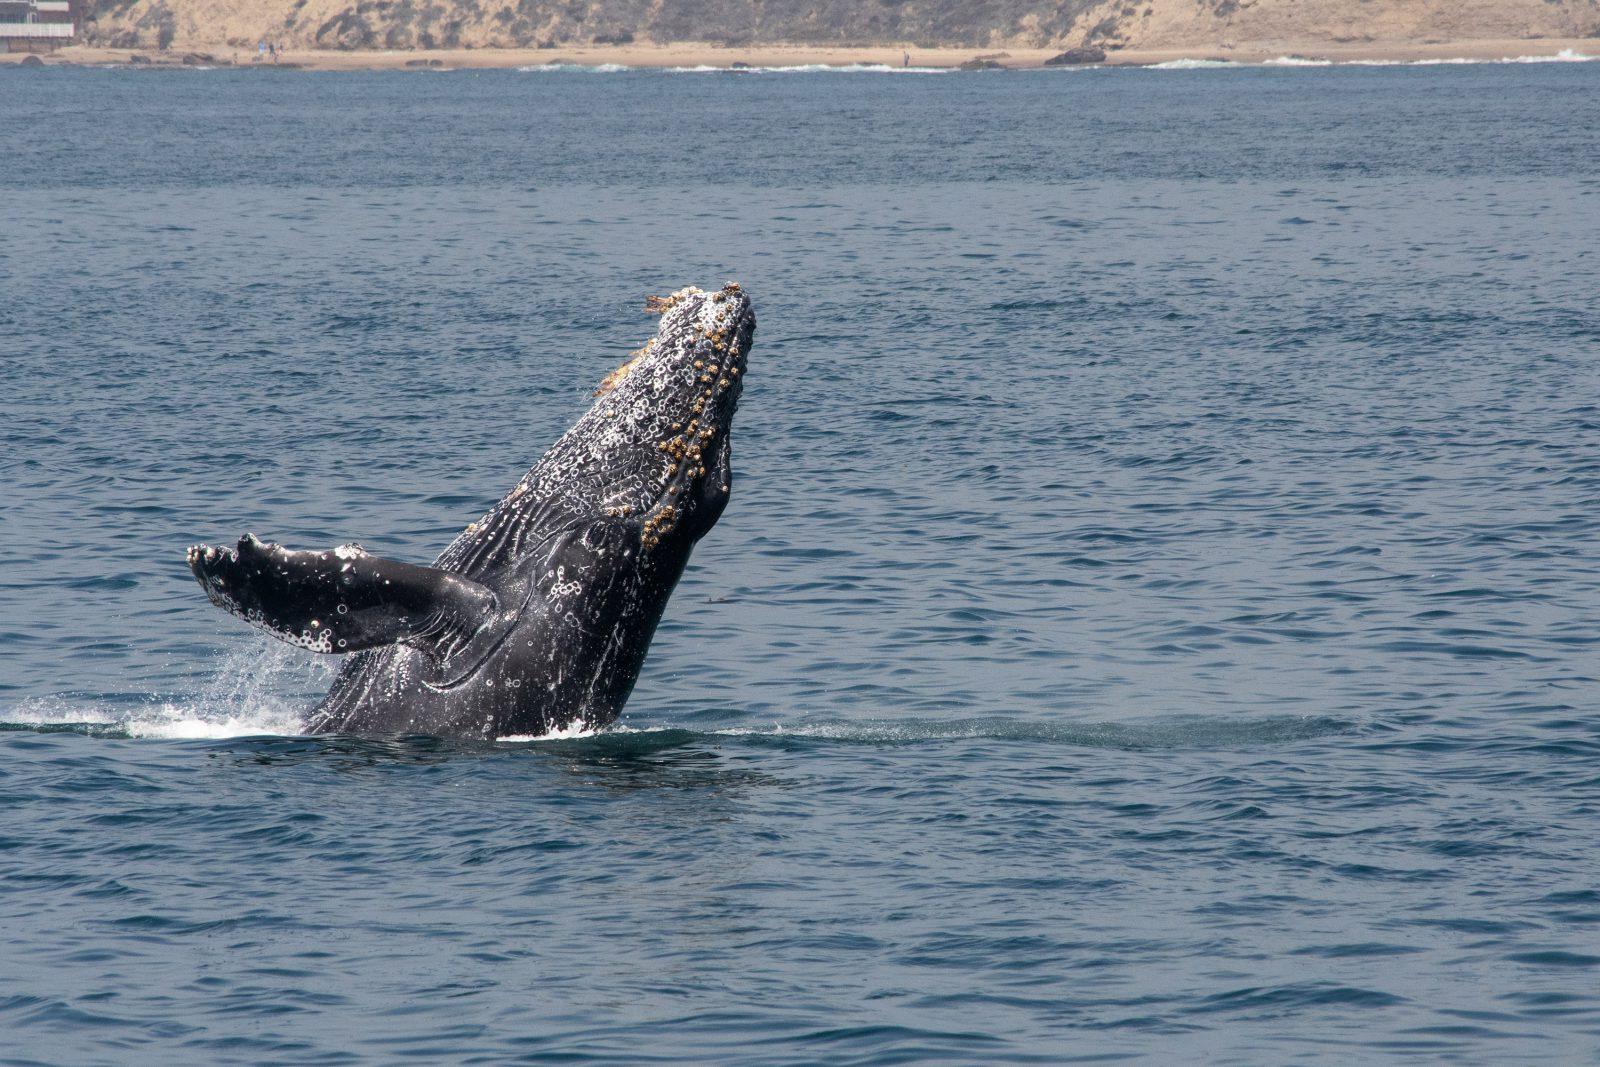 baleia jubarte se reproduz como todo mamífero